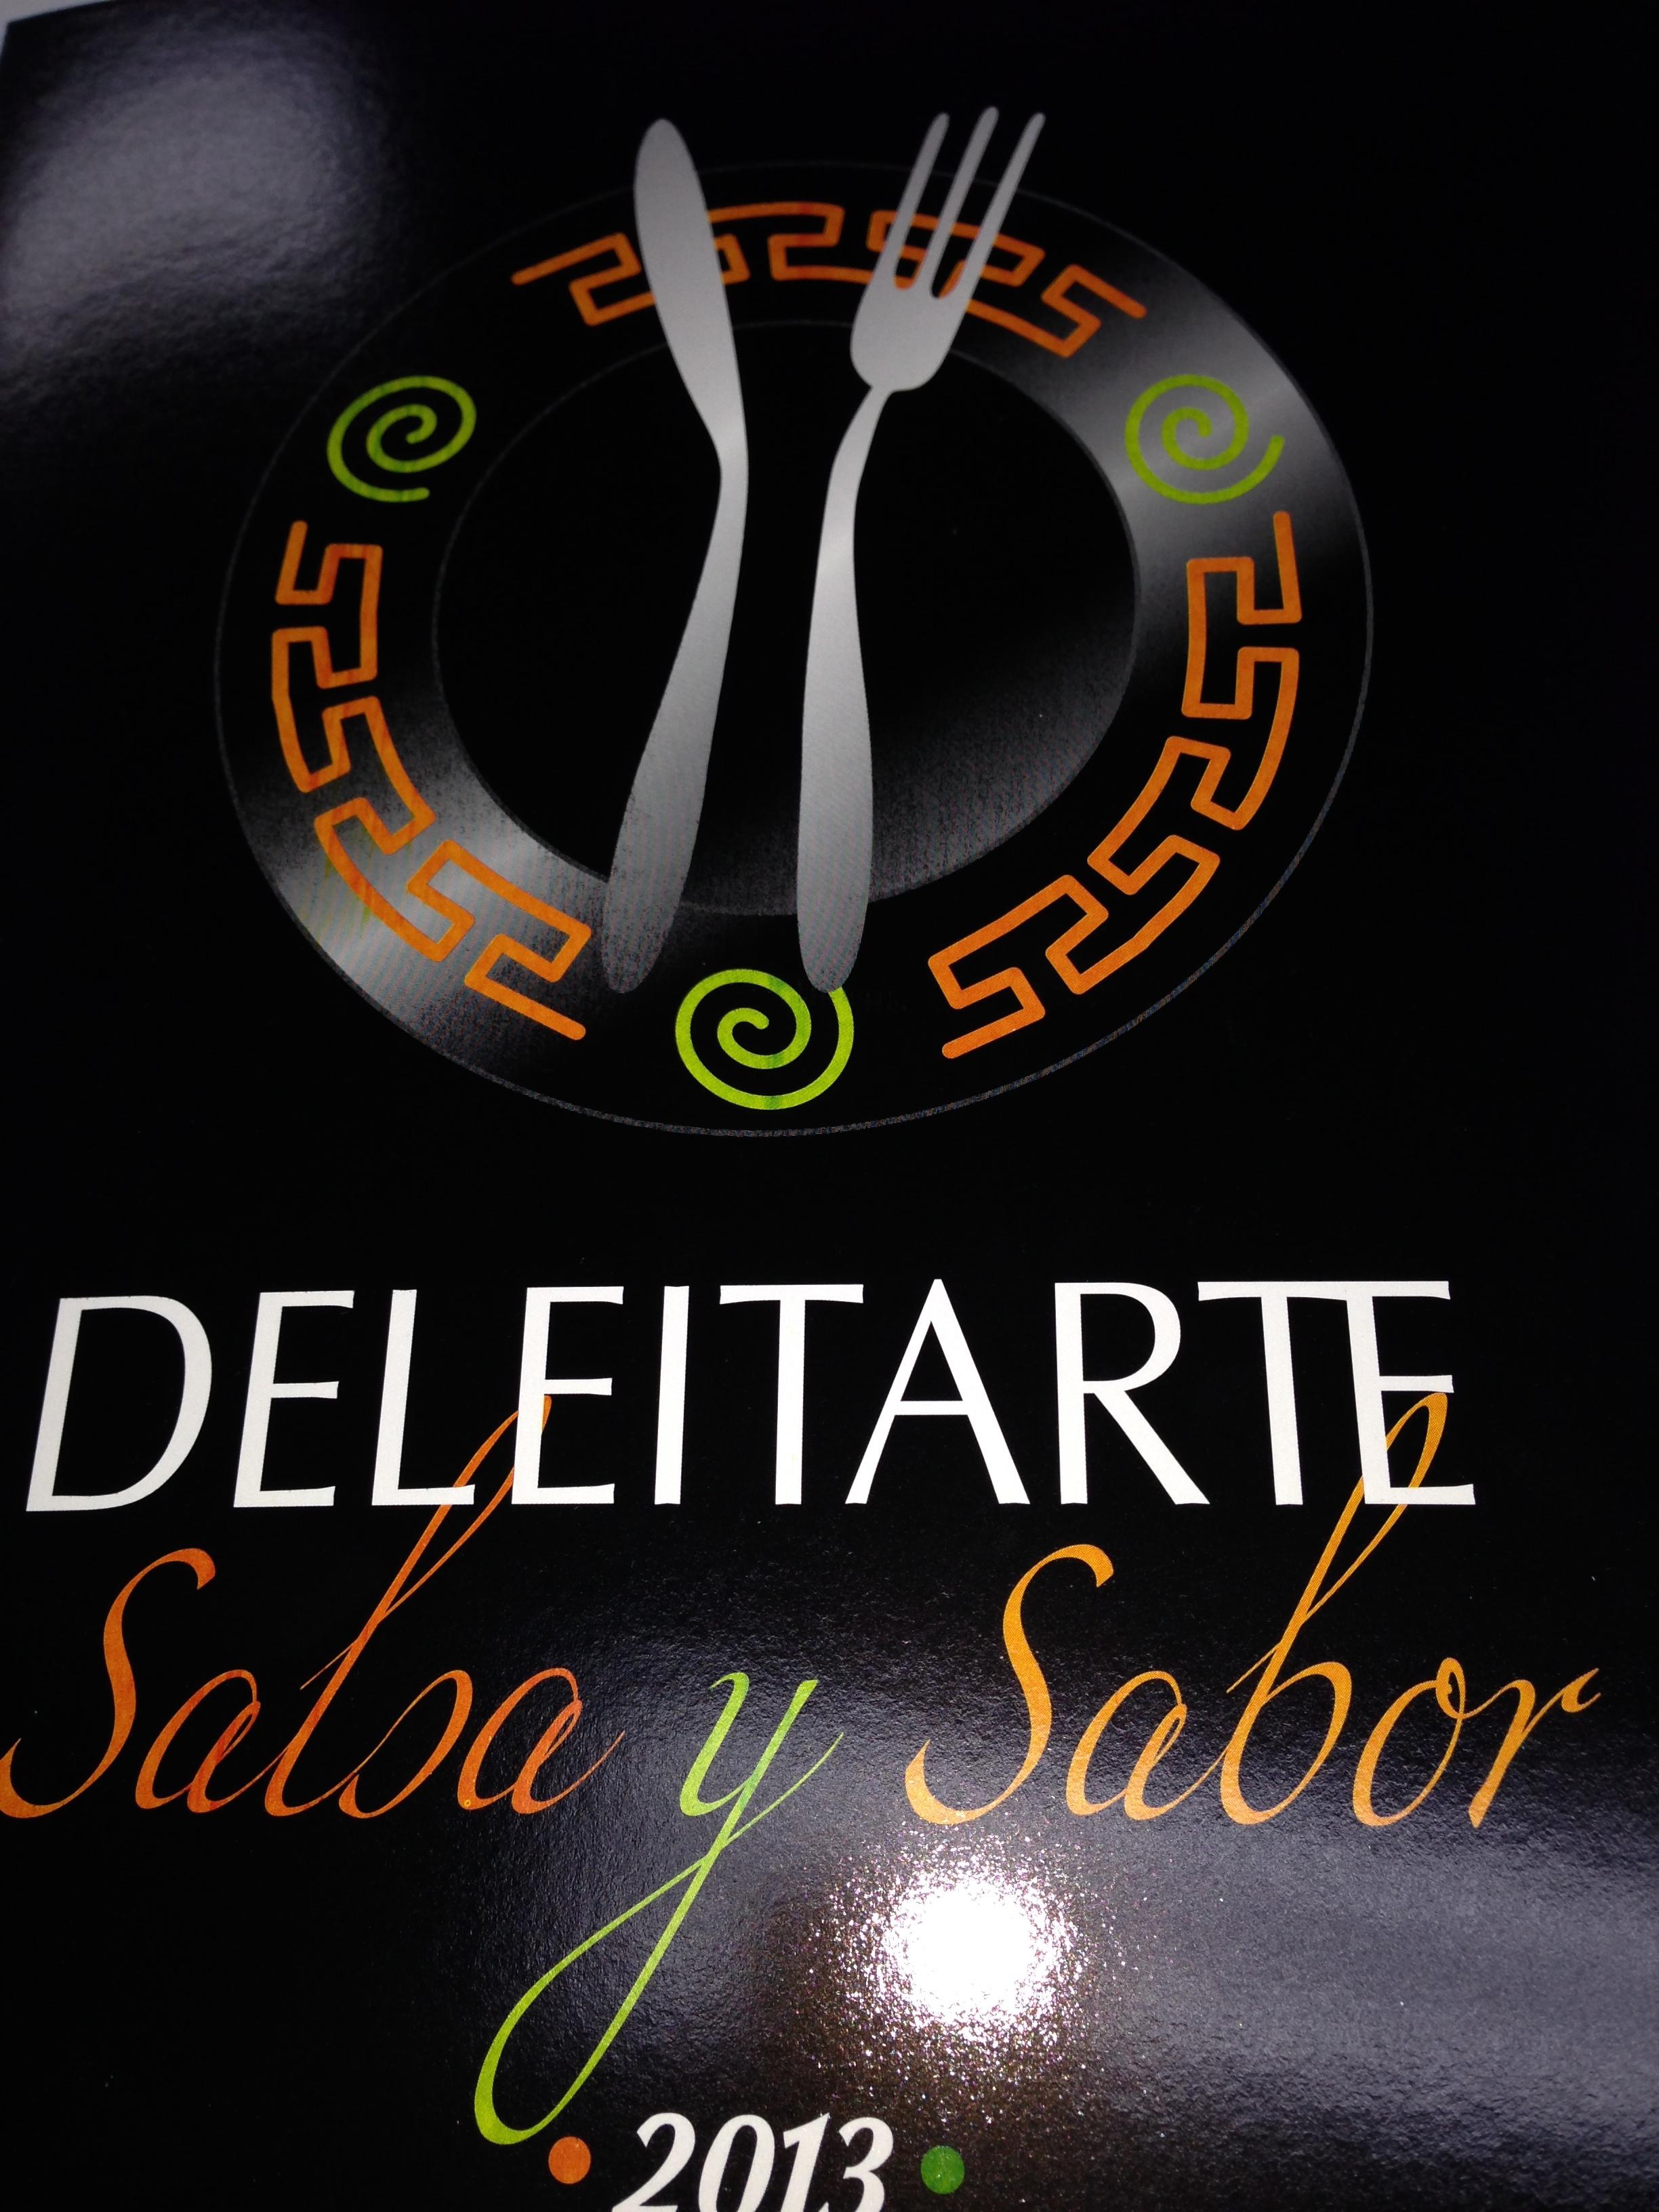 Deleitarte1